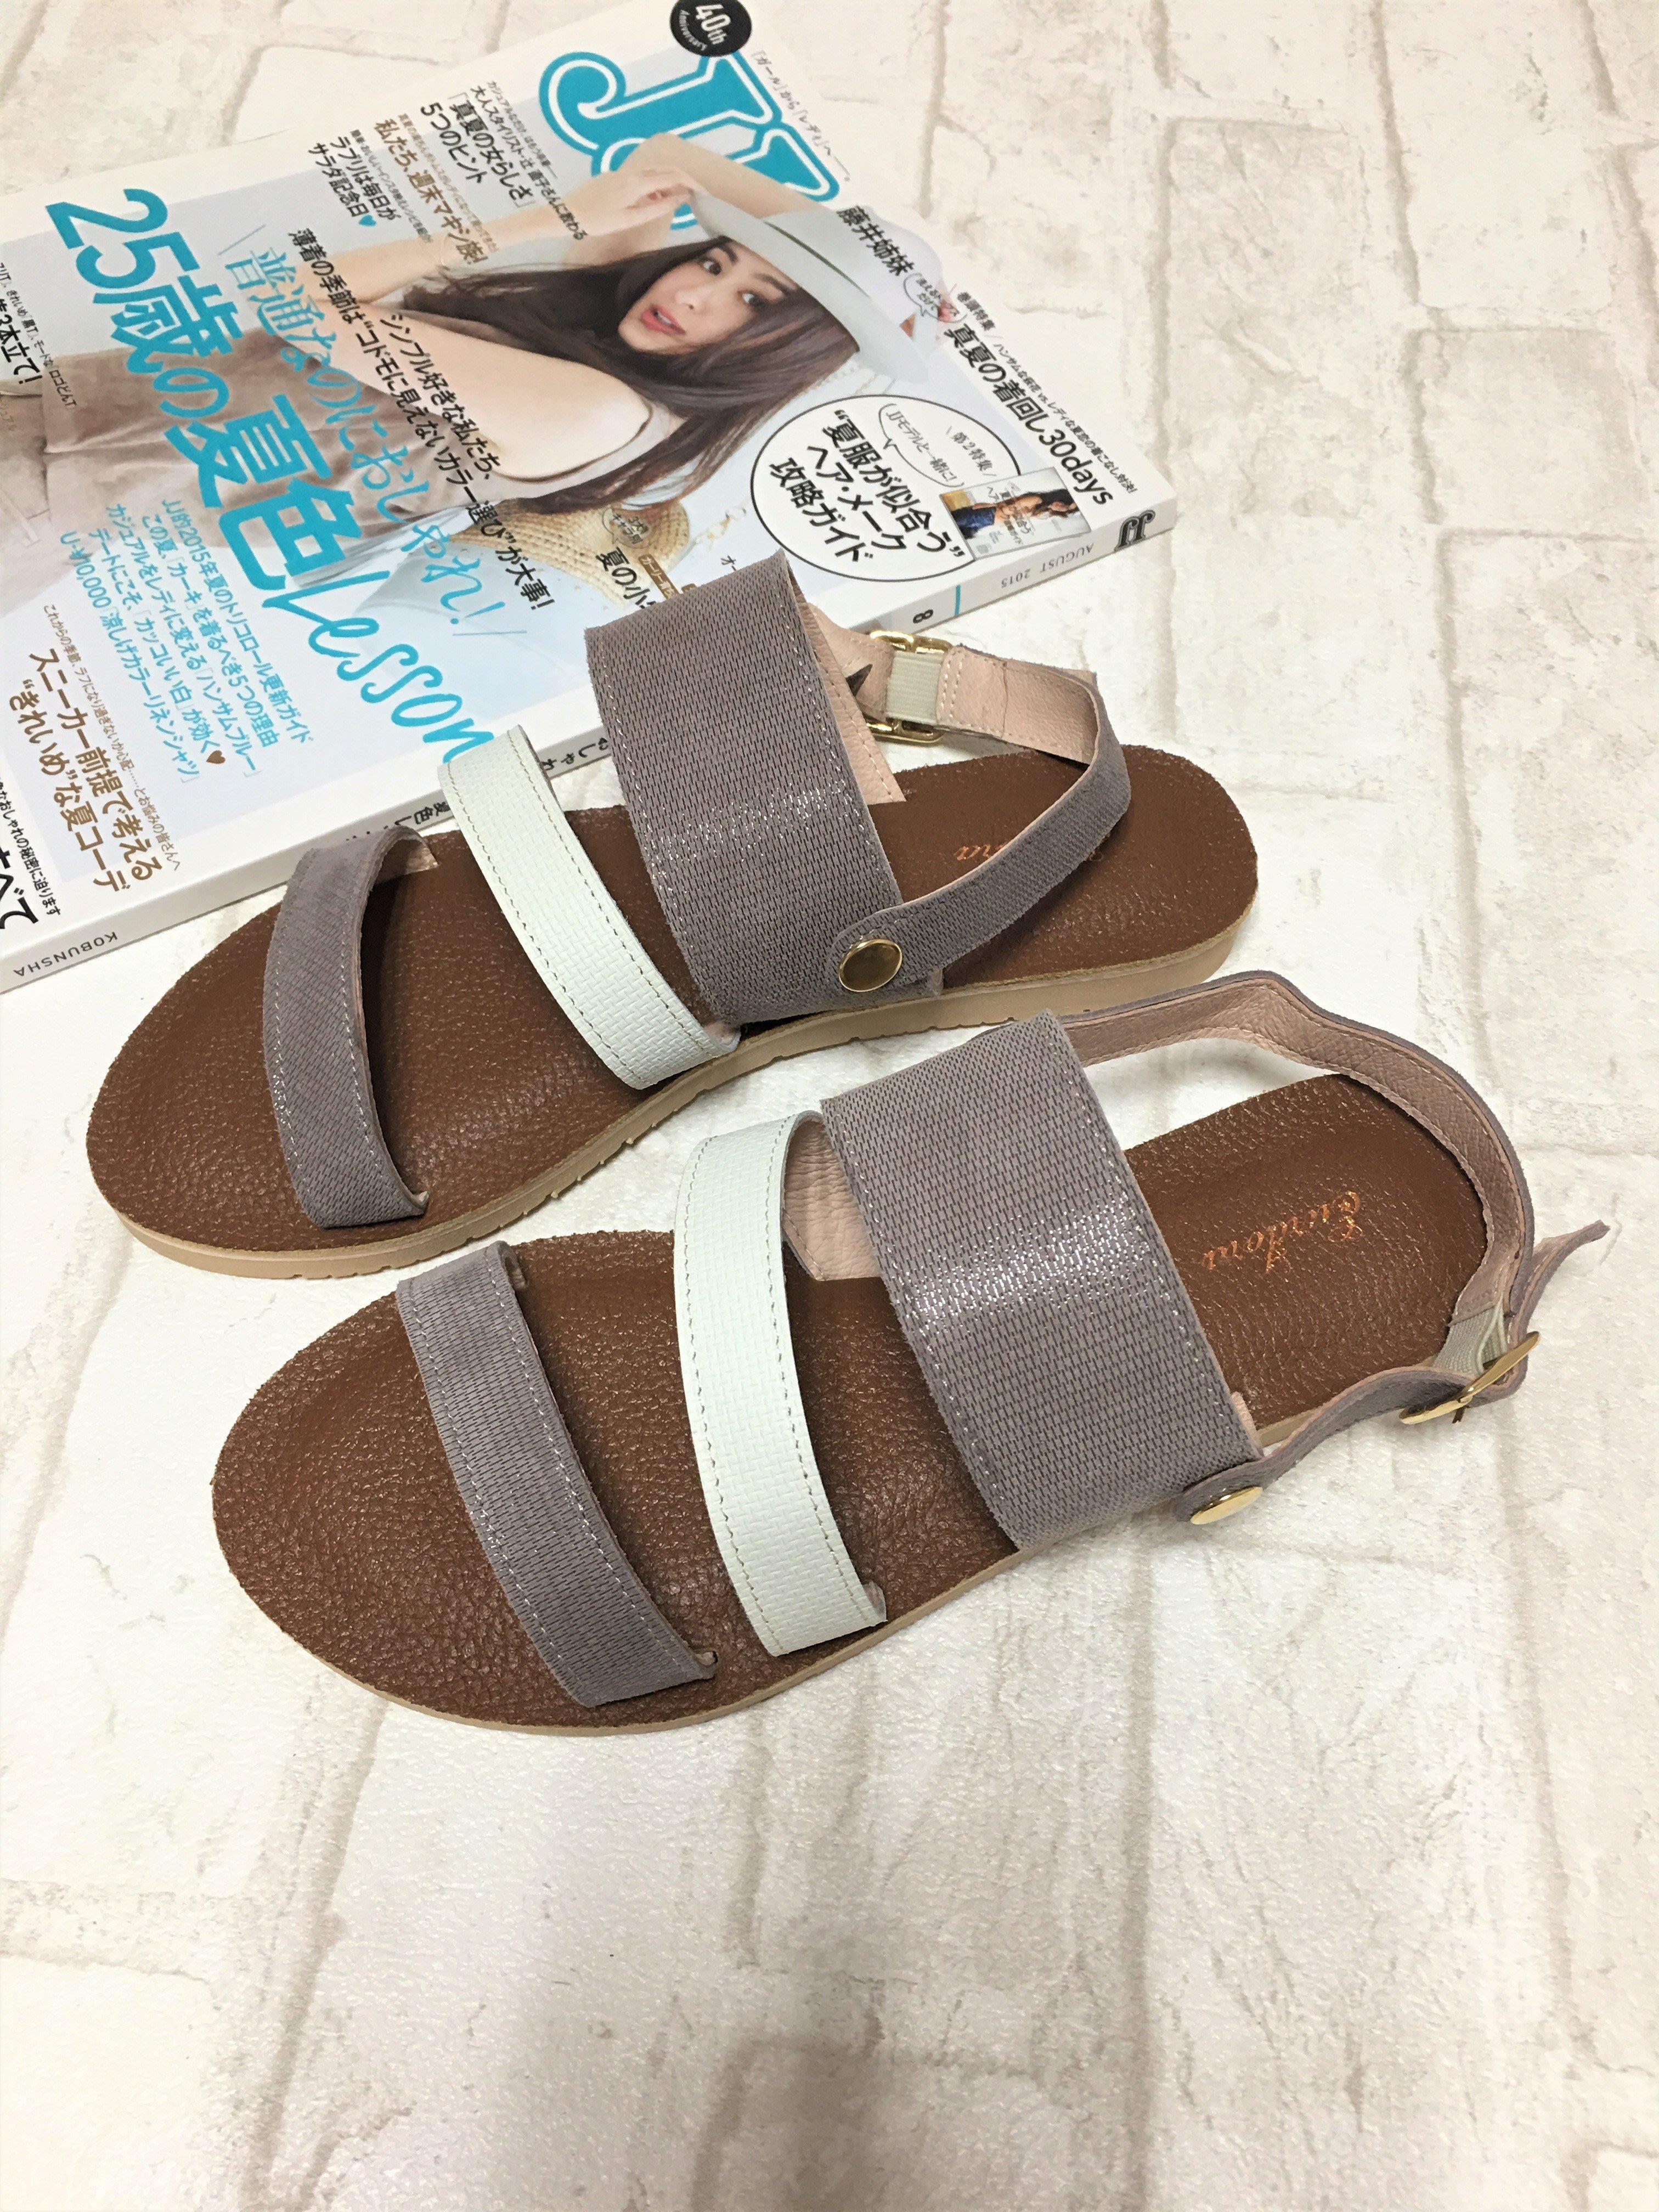 現貨出清~台灣手工製 全羊皮涼鞋/拖鞋兩穿–灰色 51803-6   米蘭風情